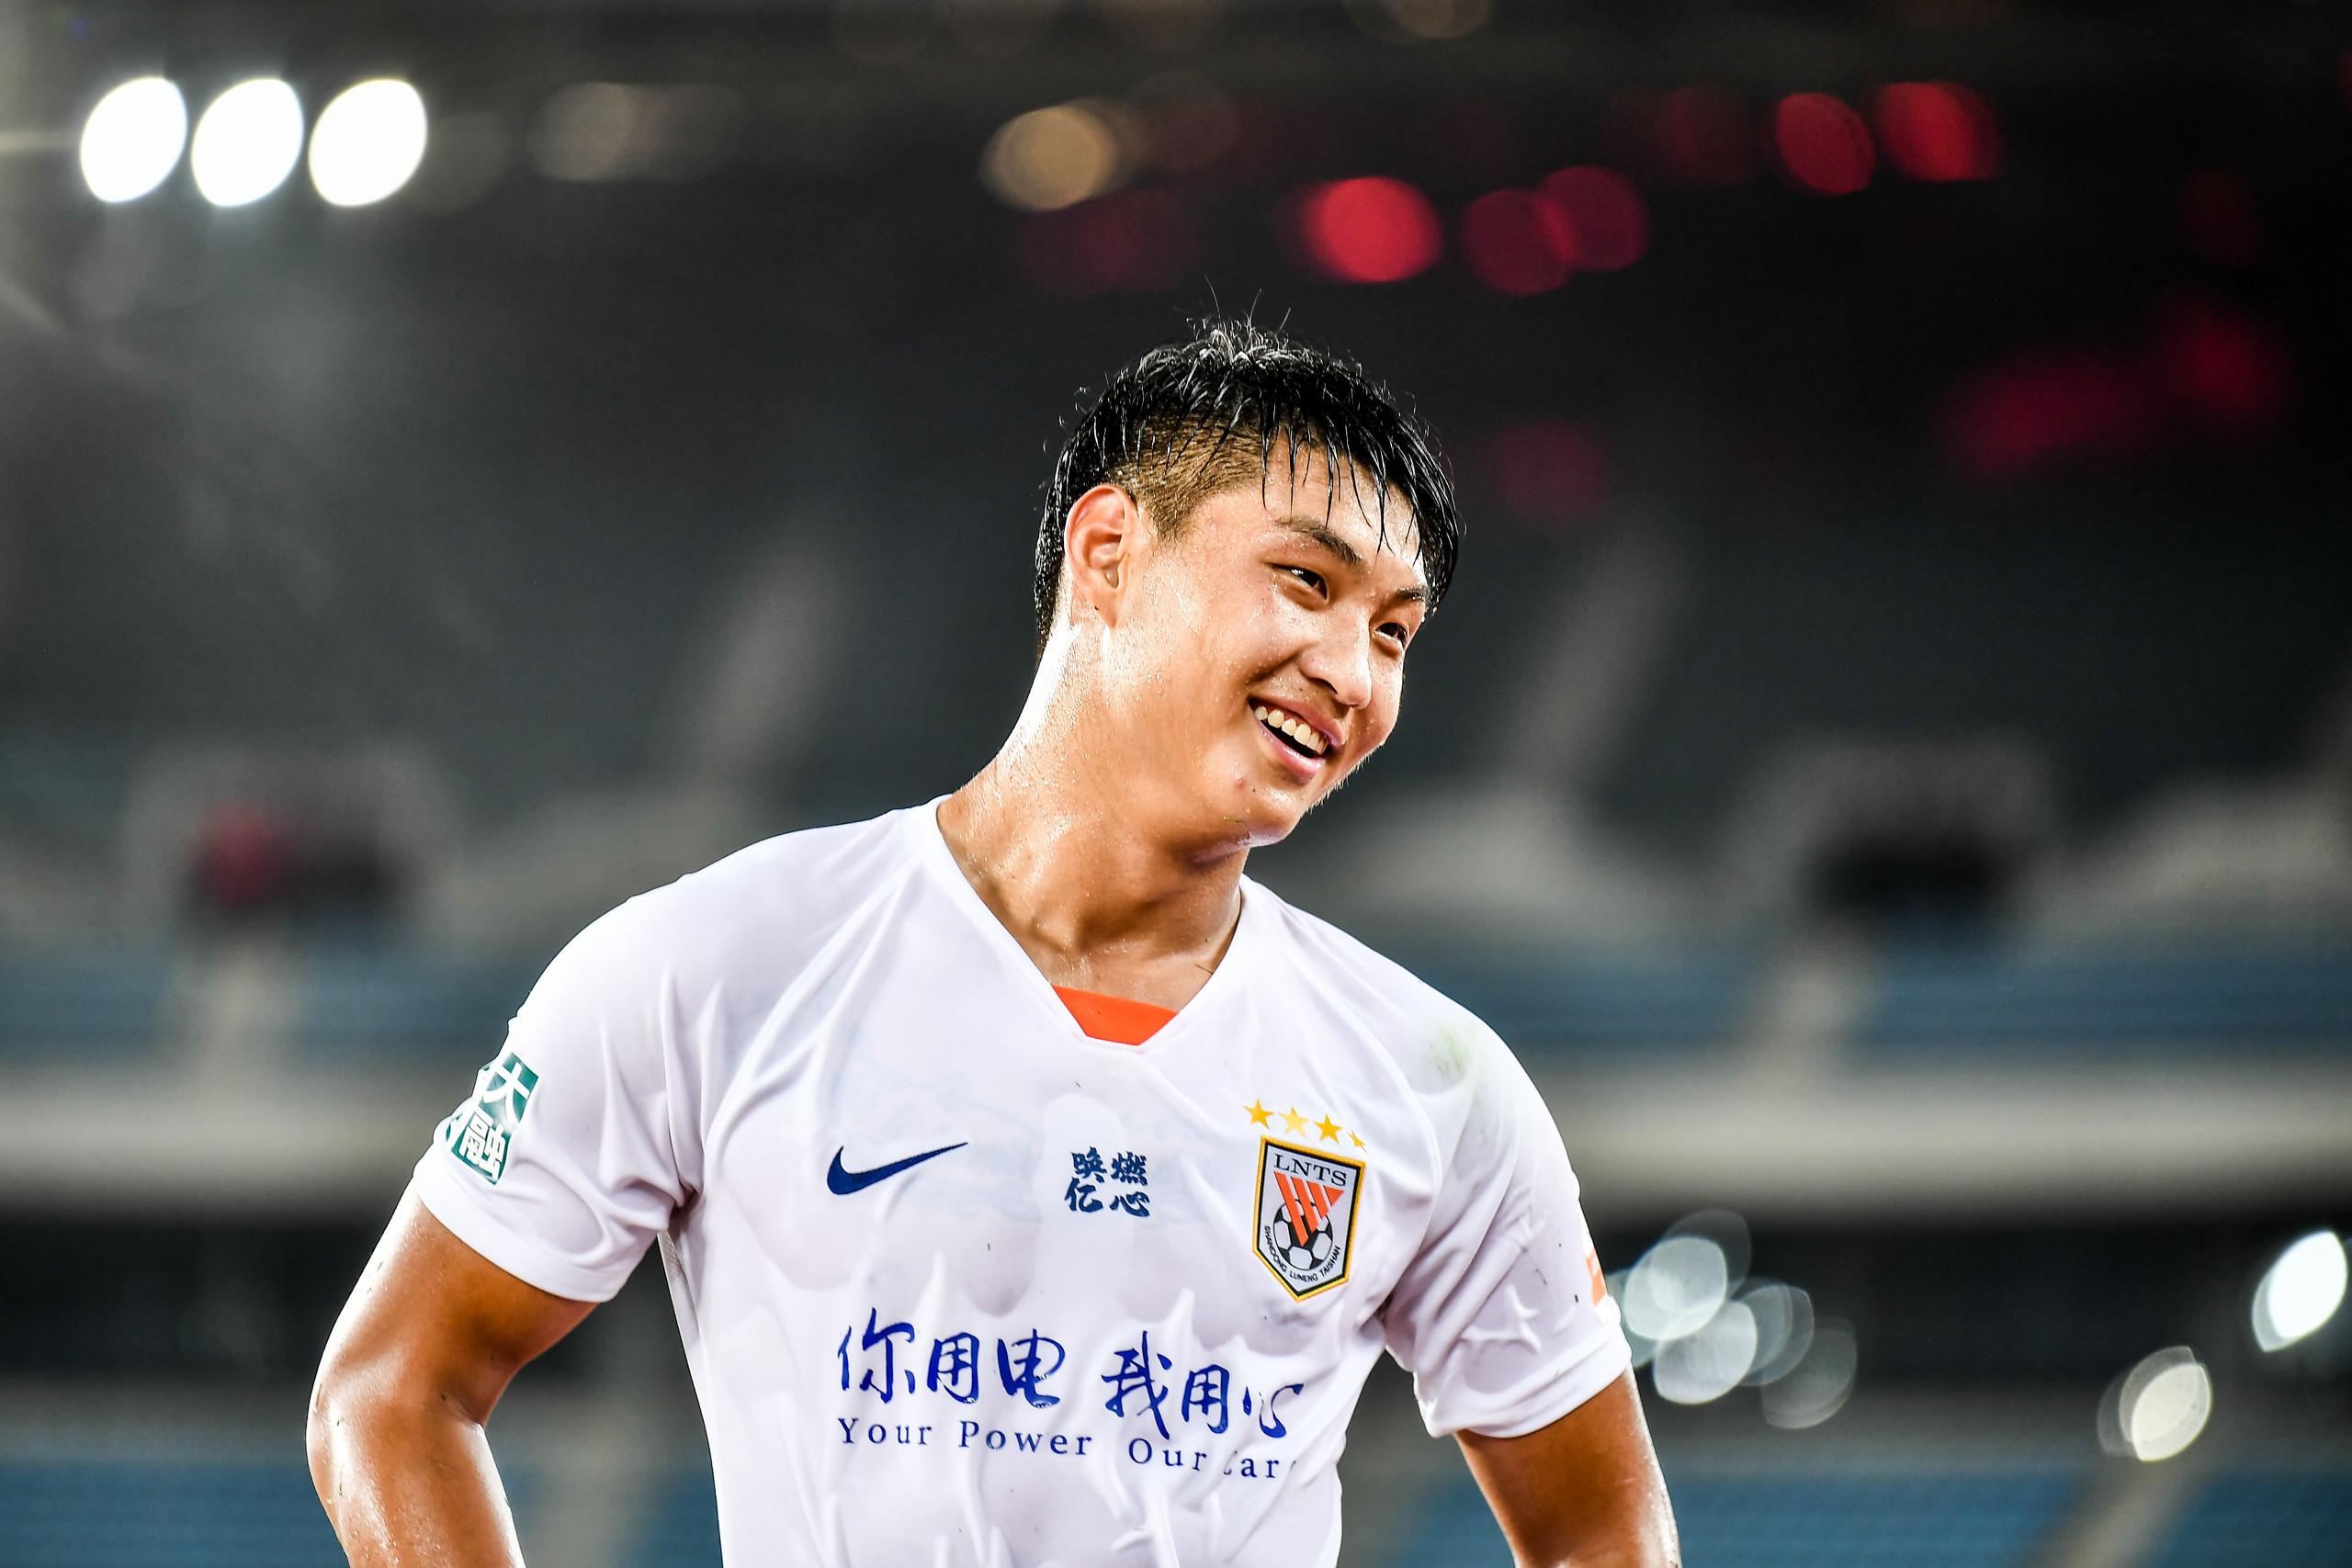 郭田雨:球队取胜比我进球更重要,自己还有很大进步空间